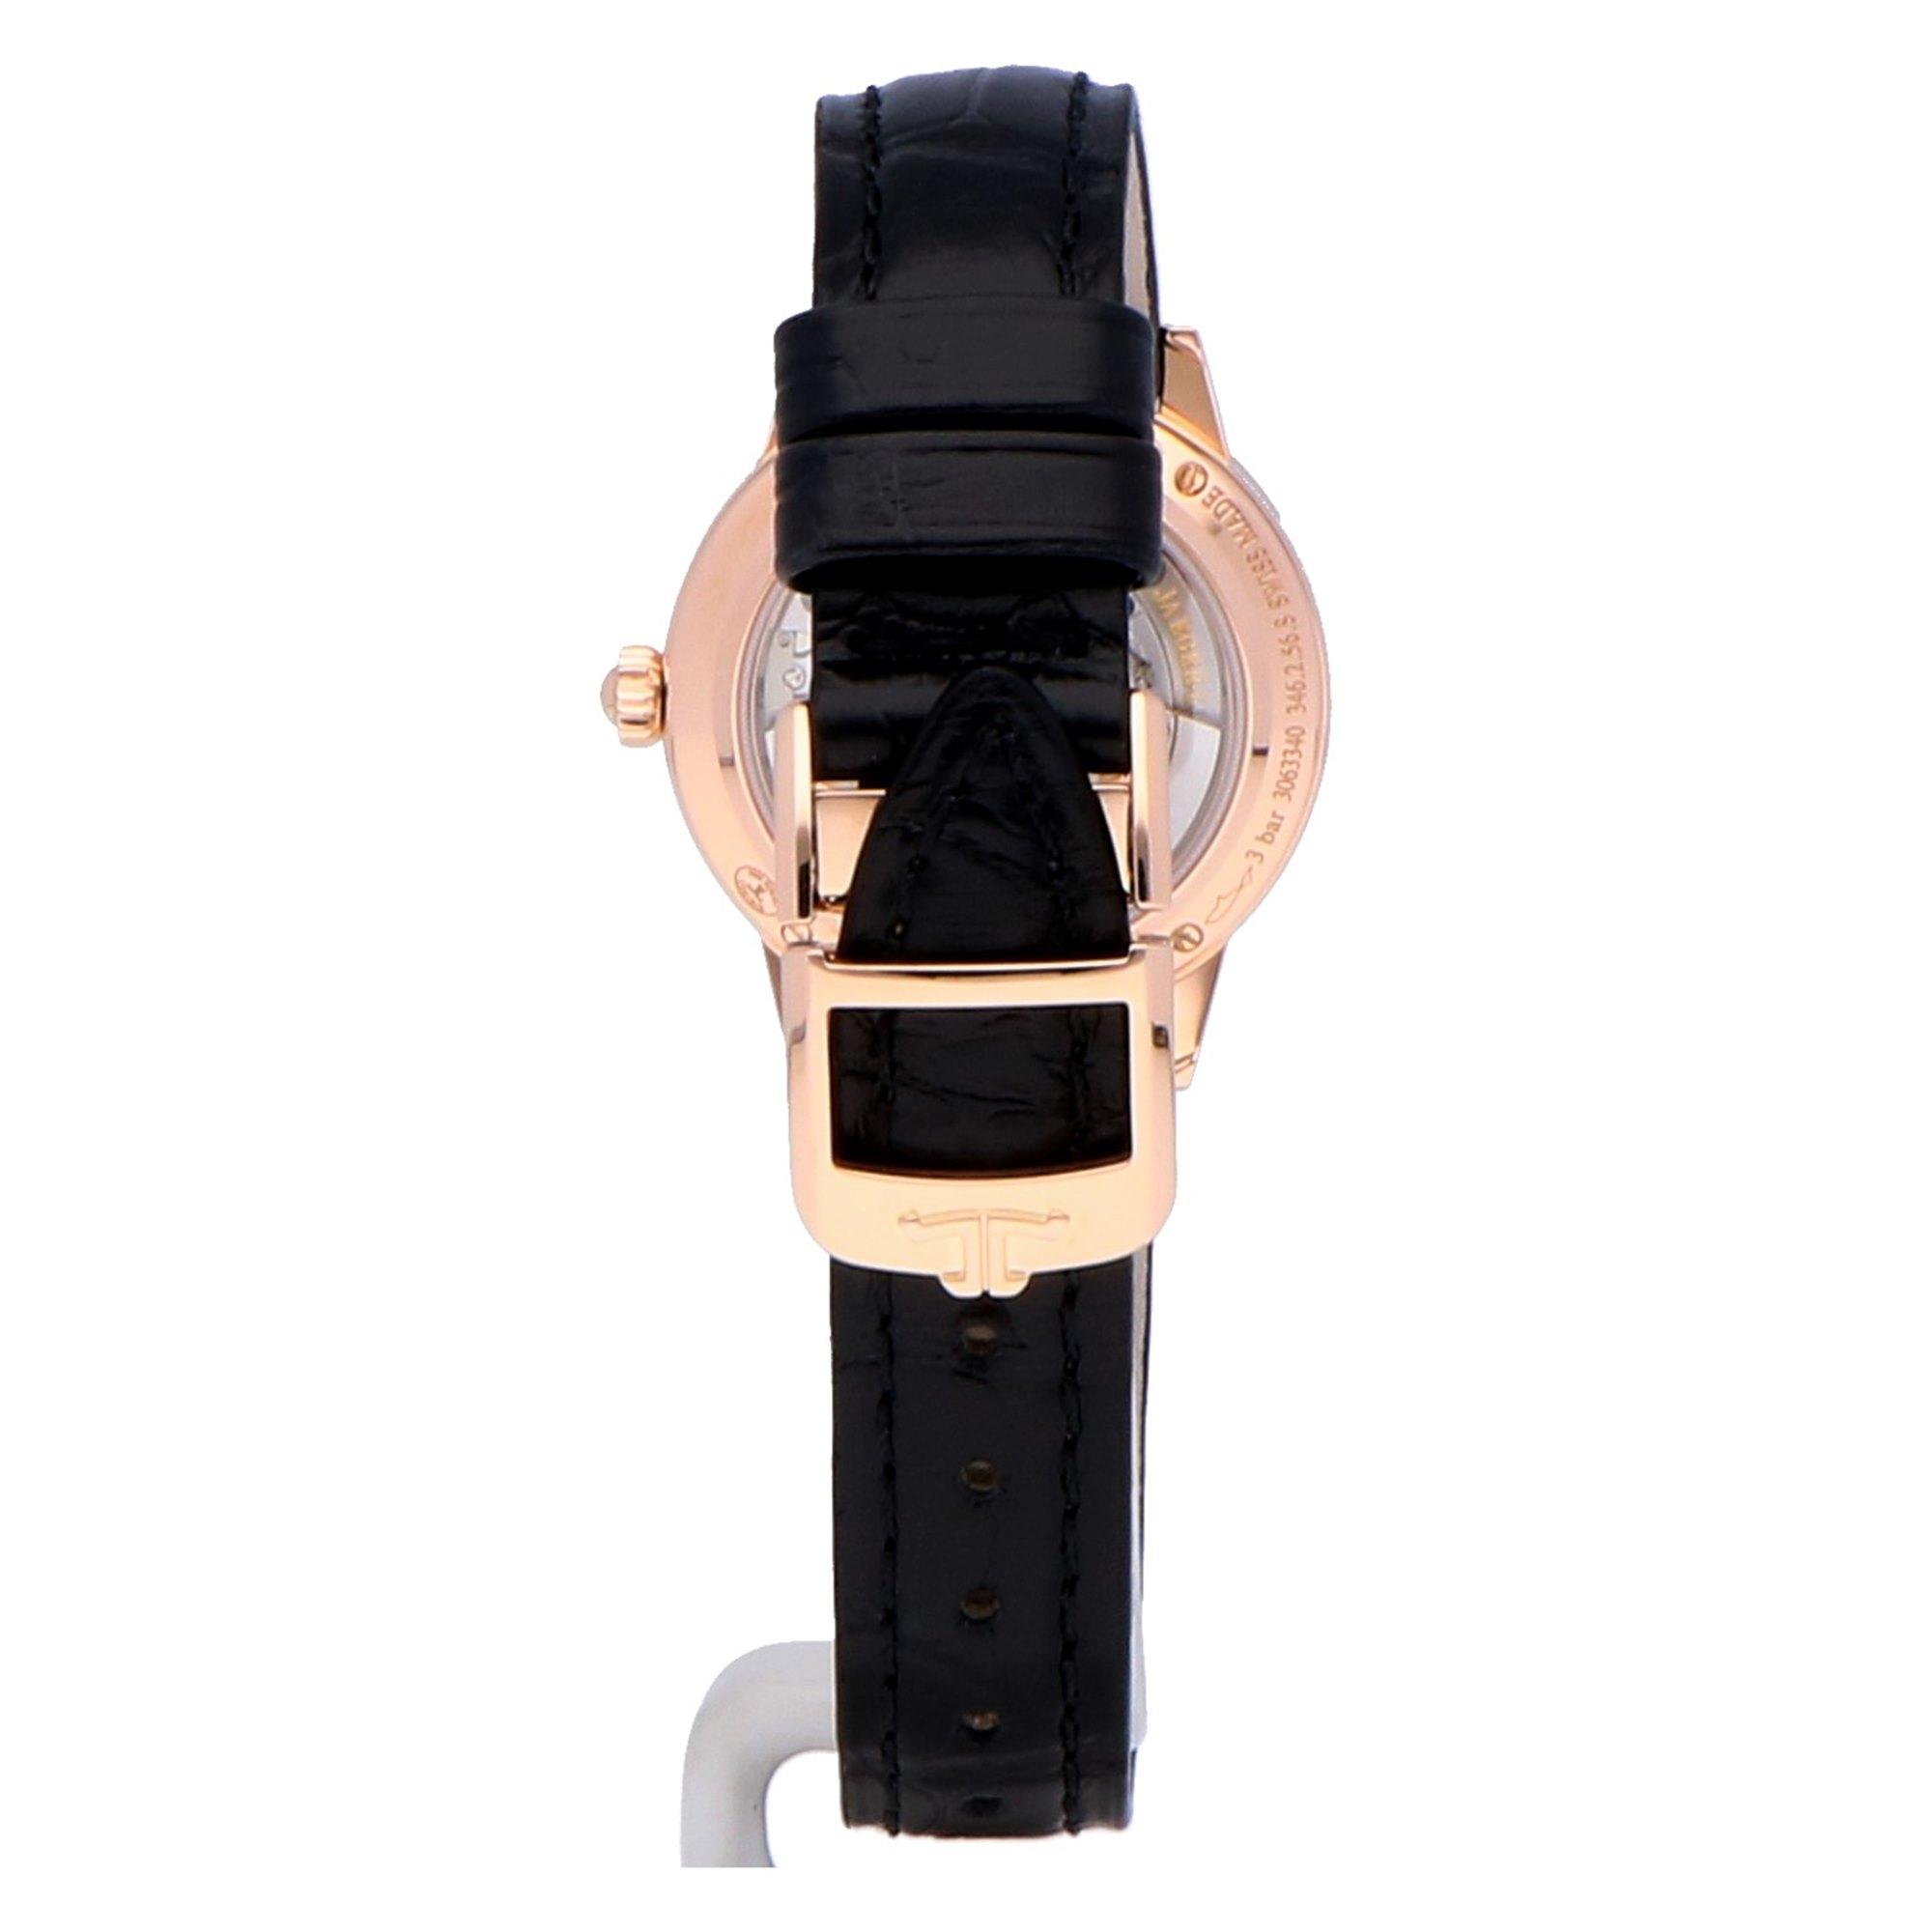 Jaeger-LeCoultre Rendez-Vous 18k Rose Gold Q3462490